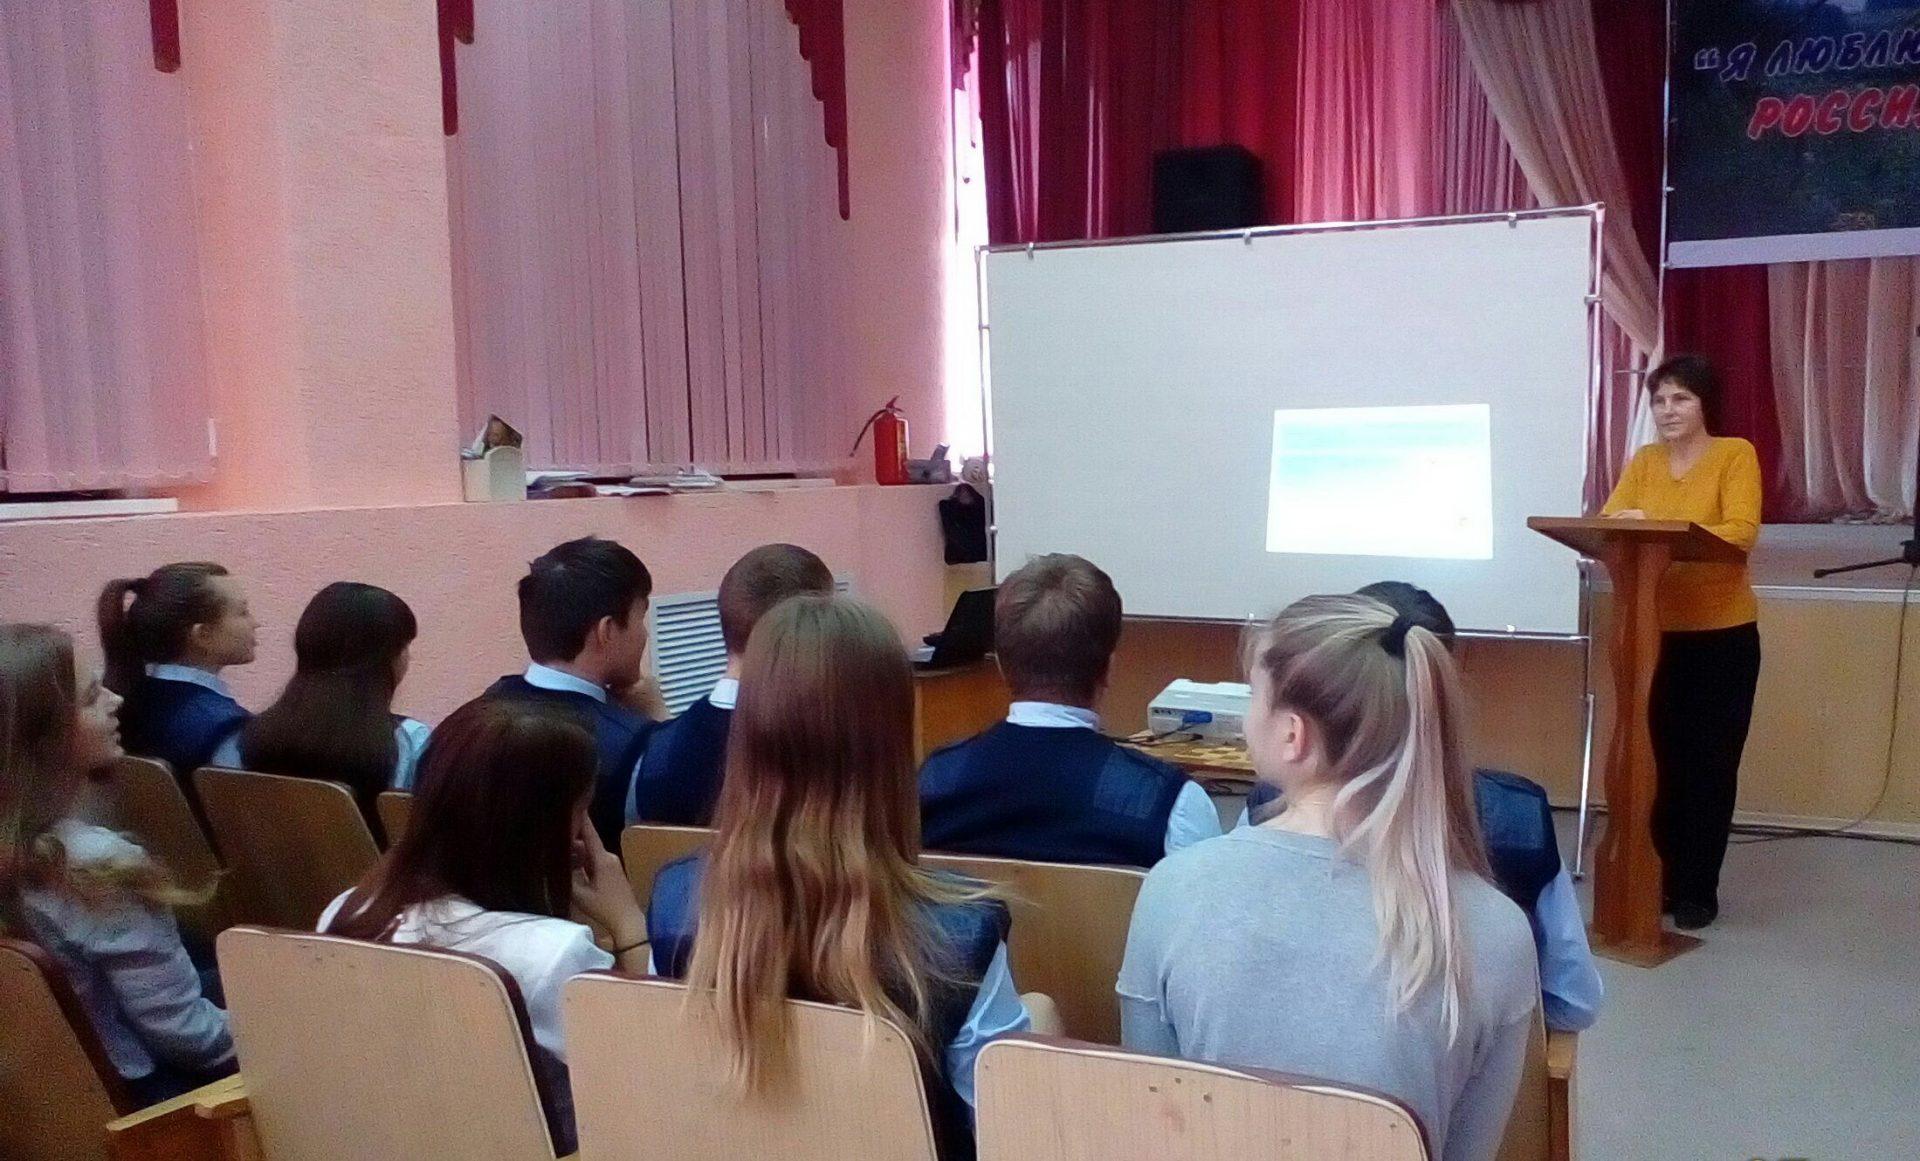 Освободителей Аушвица вспомнили в Мордовии